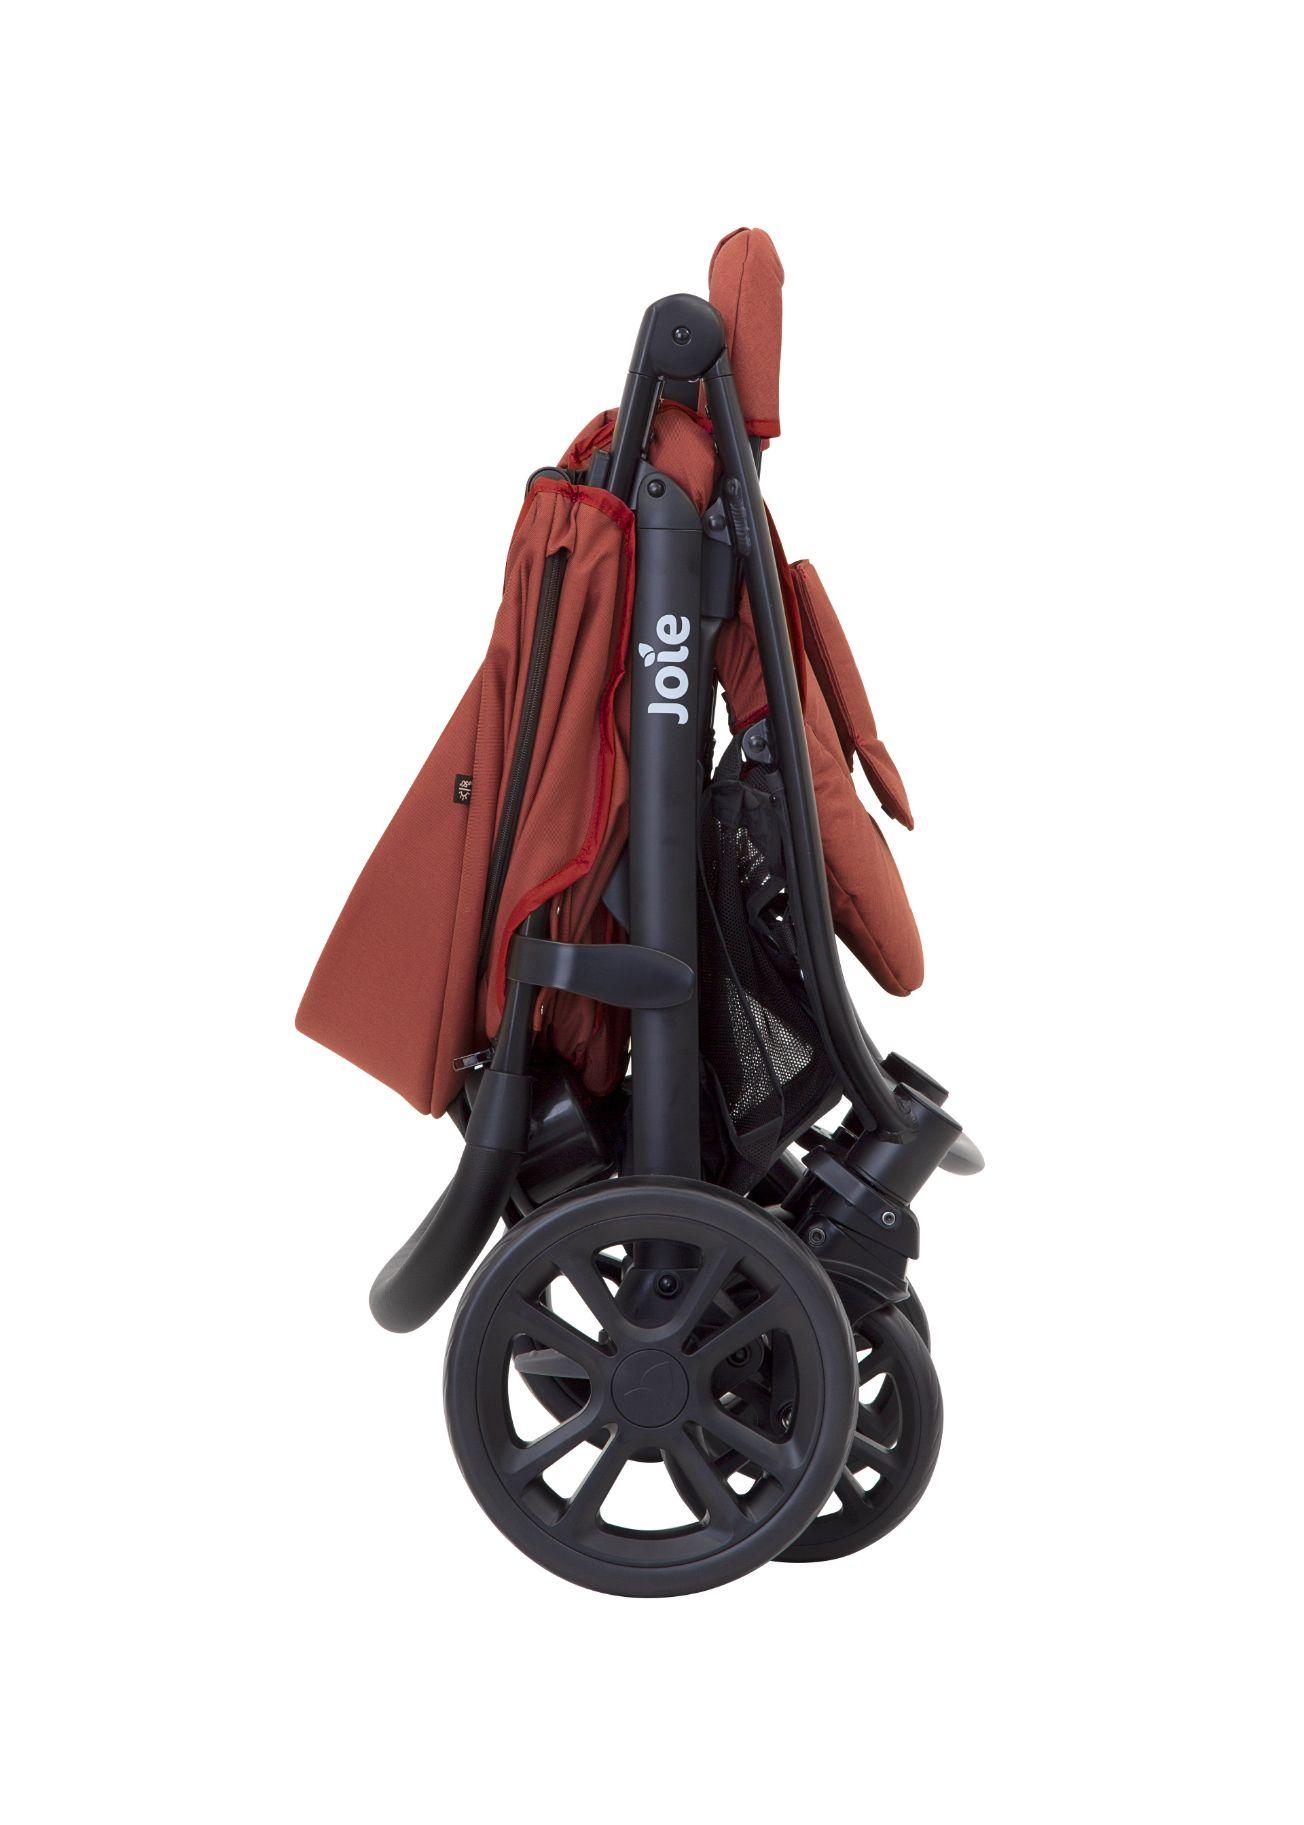 Wózek spacerowy Joie Litetrax 4 V2 kolor Cinnamon